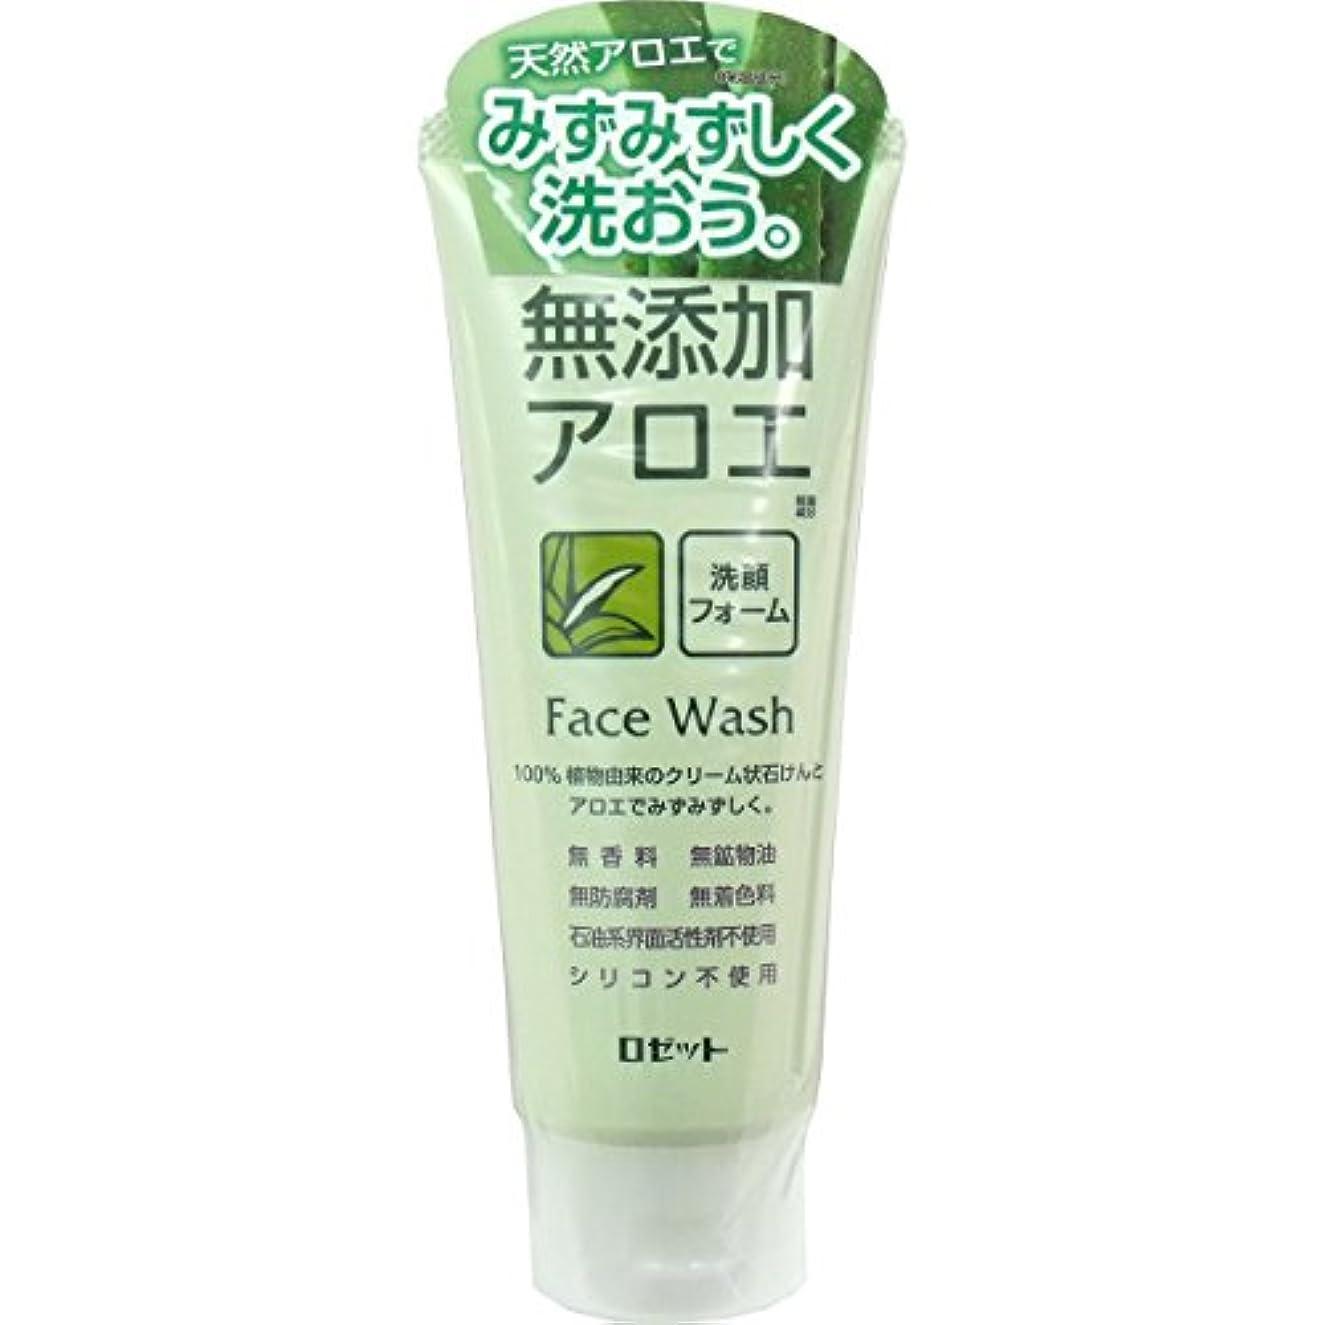 スキニー決定するアドバイス【ロゼット】無添加アロエ 洗顔フォーム 140g ×5個セット